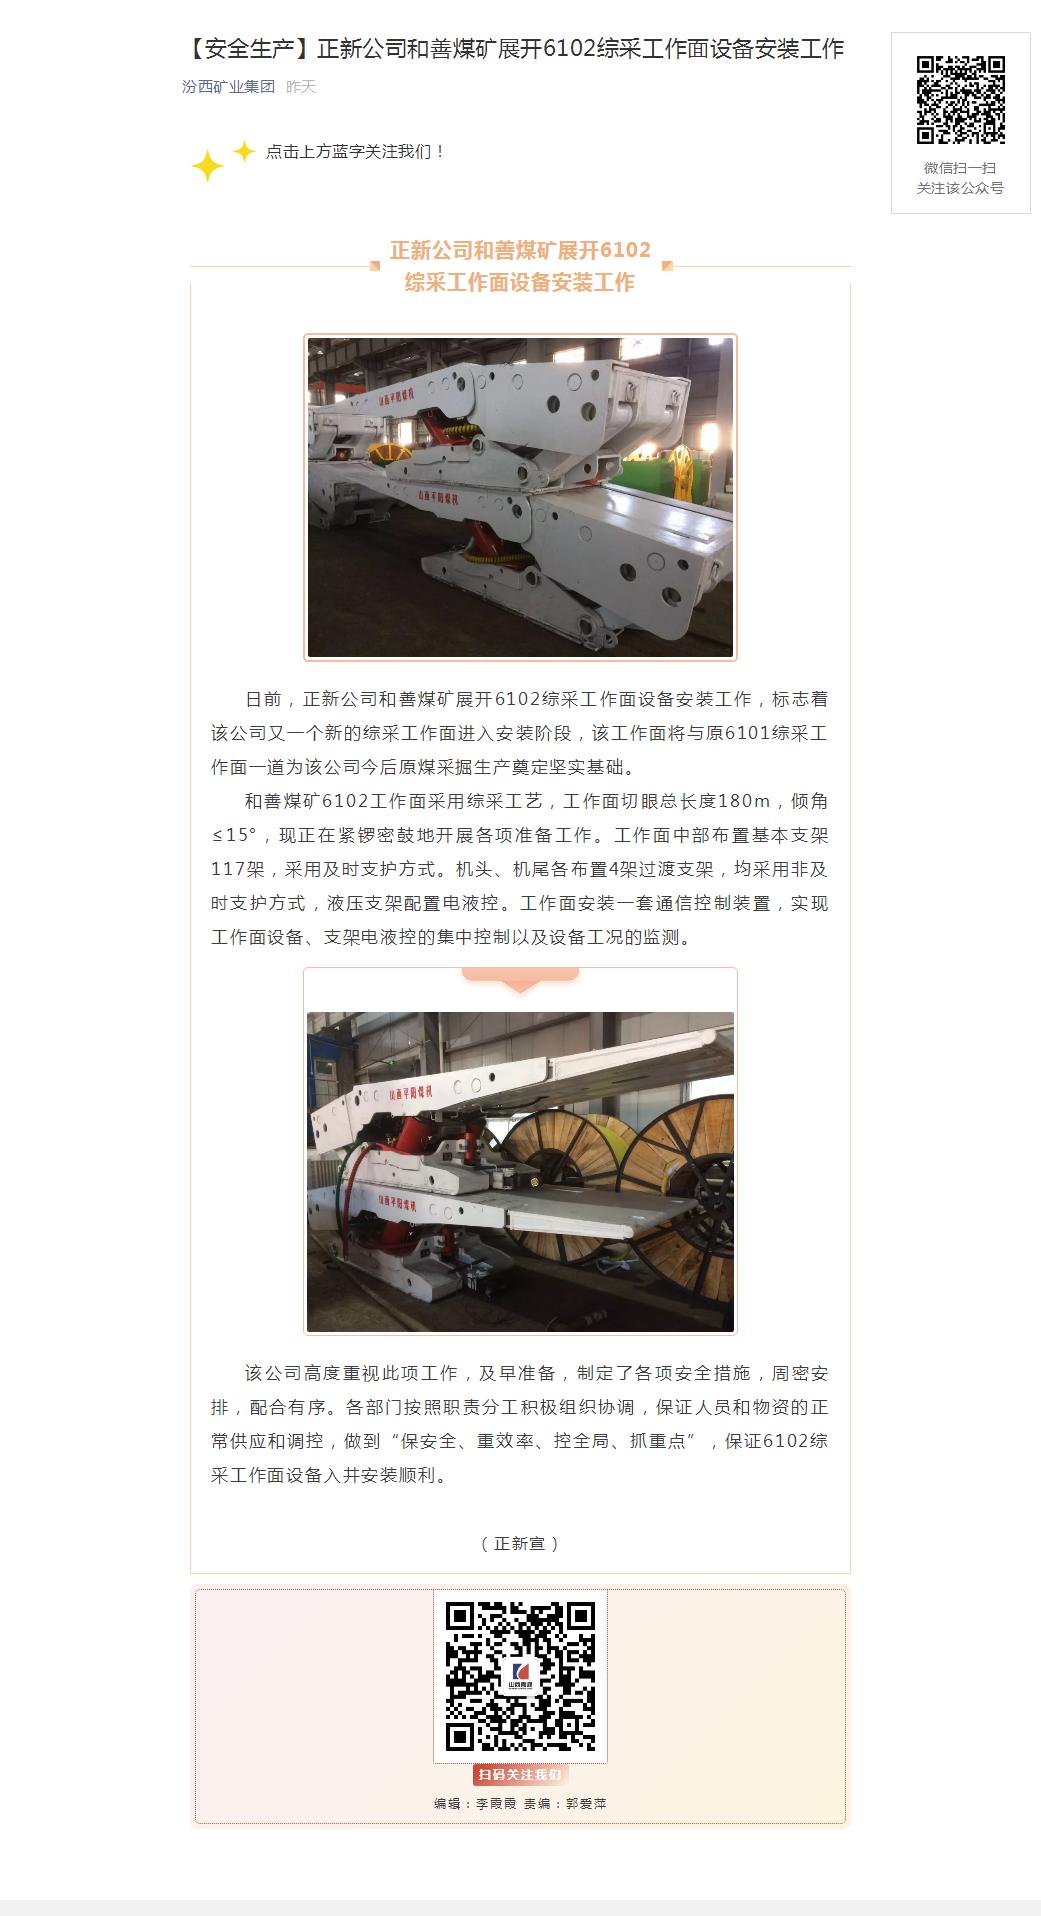 【安全生産】正新公司和善煤礦展開6102綜采工作面設備安裝工作.png